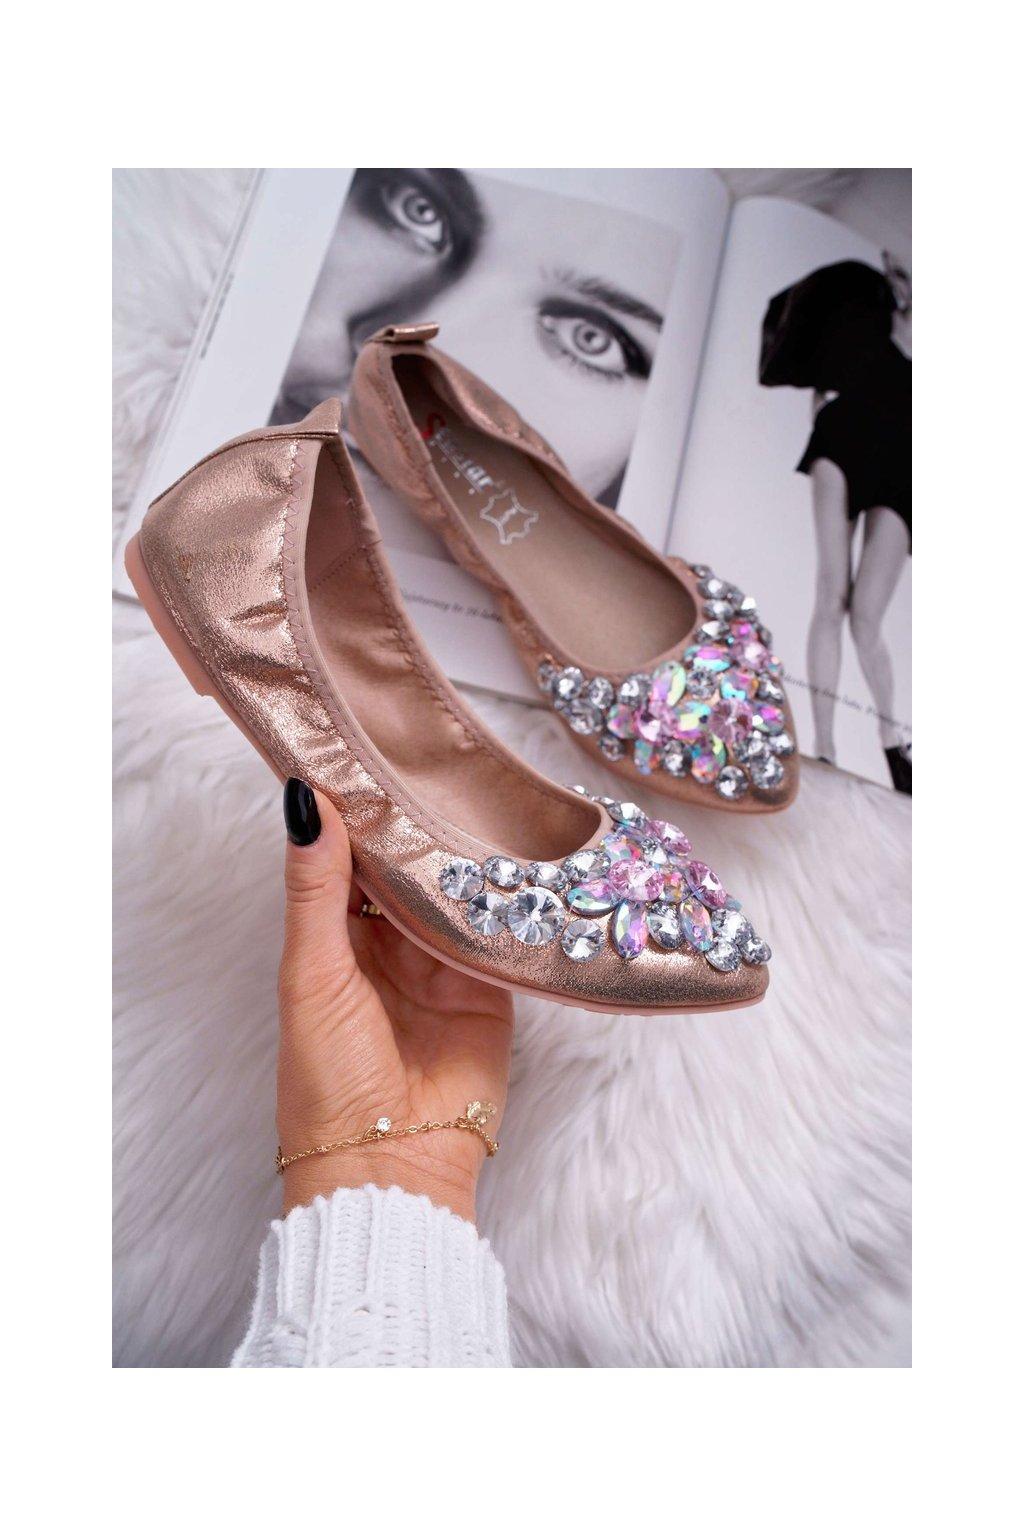 Dámske baleríny s ozdobnými kameny Champagne Crystal NJSK C87